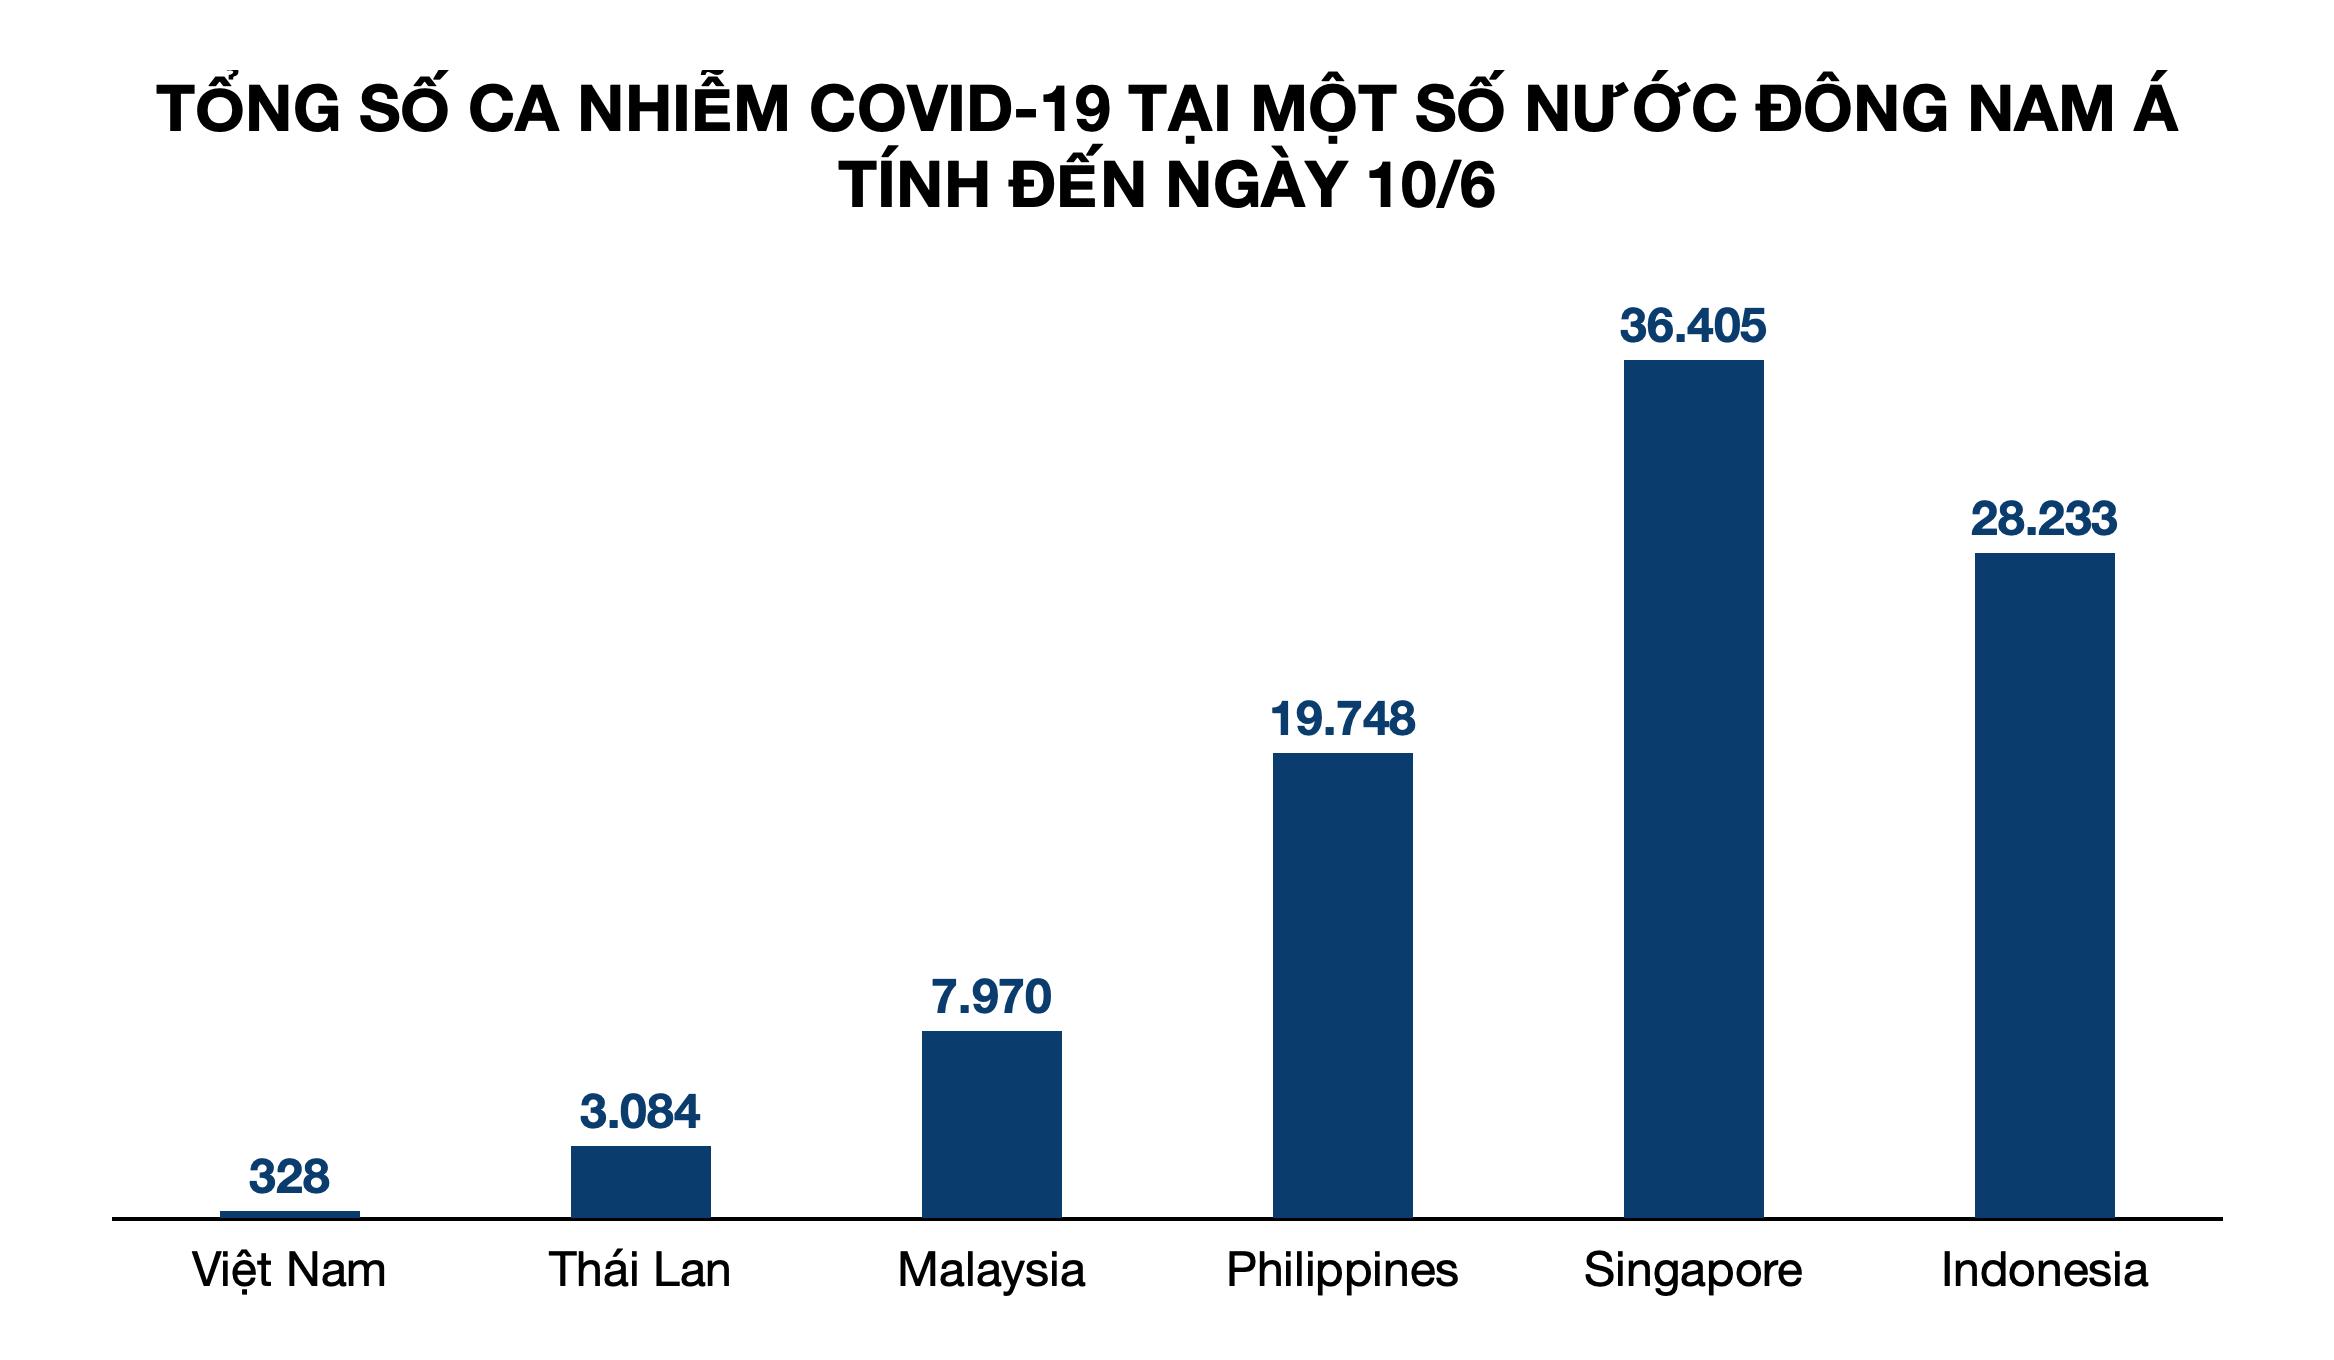 2/3 công ty chuyển khỏi Trung Quốc đều đến Việt Nam vì chống dịch Covid-19 giỏi - Ảnh 3.